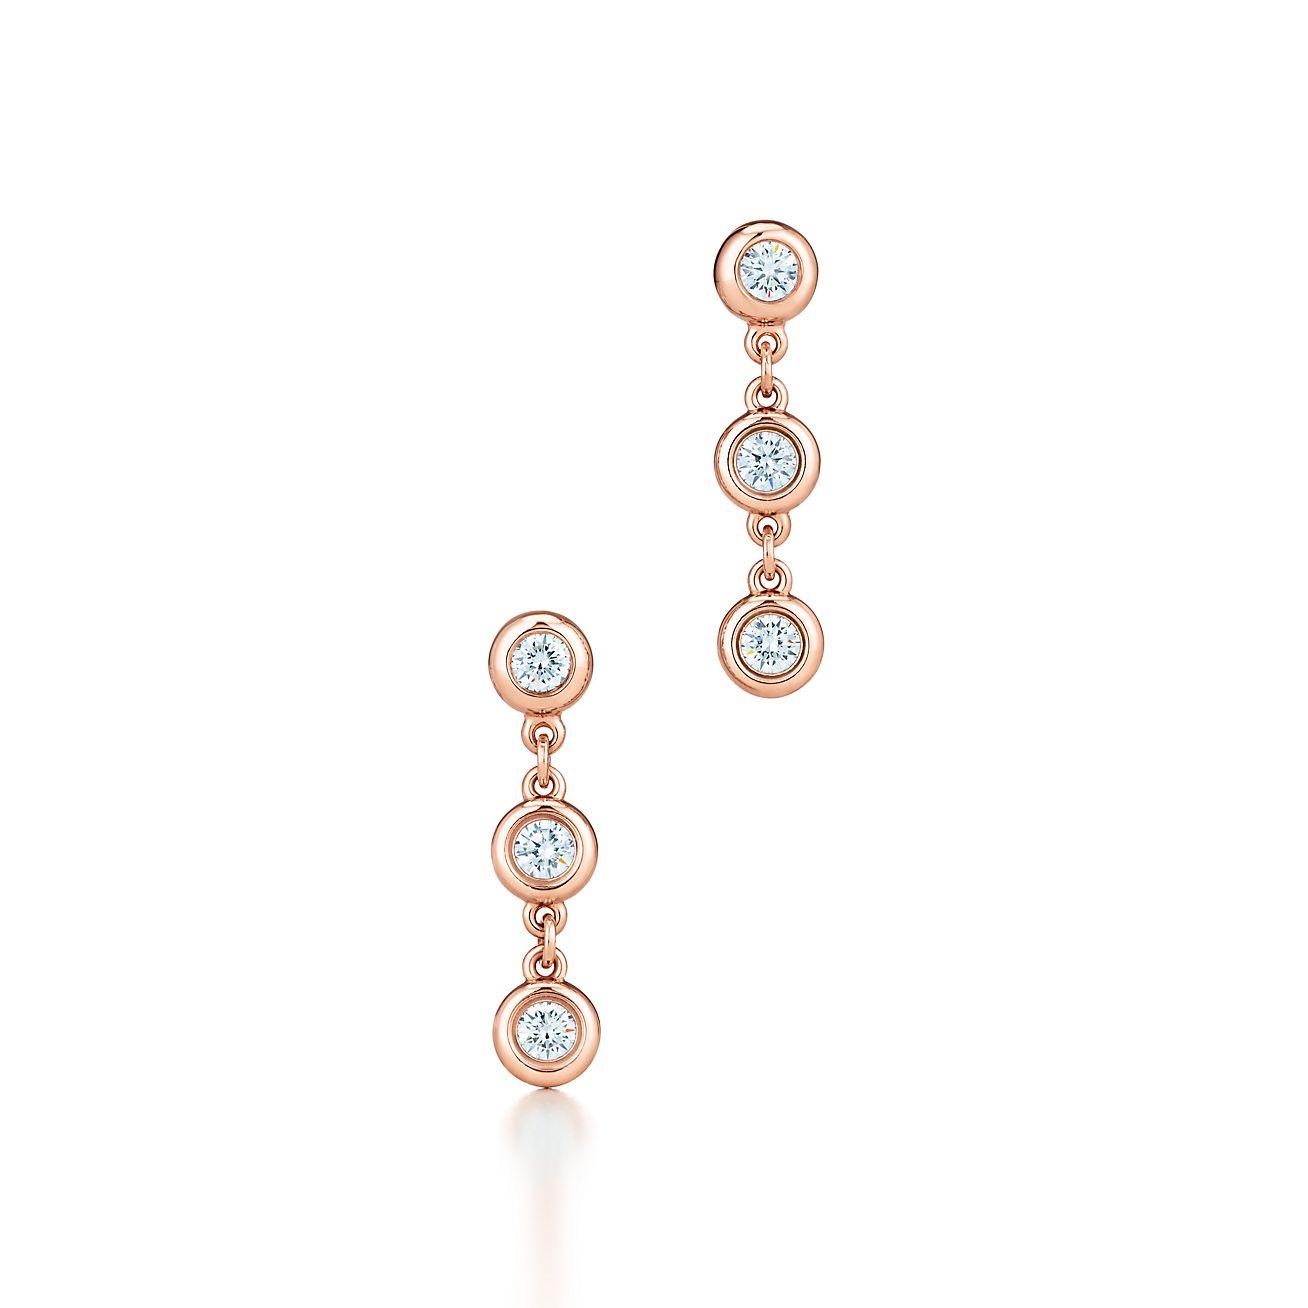 Elsa Peretti Diamonds by the Yard Open Heart earrings in 18k rose gold Tiffany & Co.